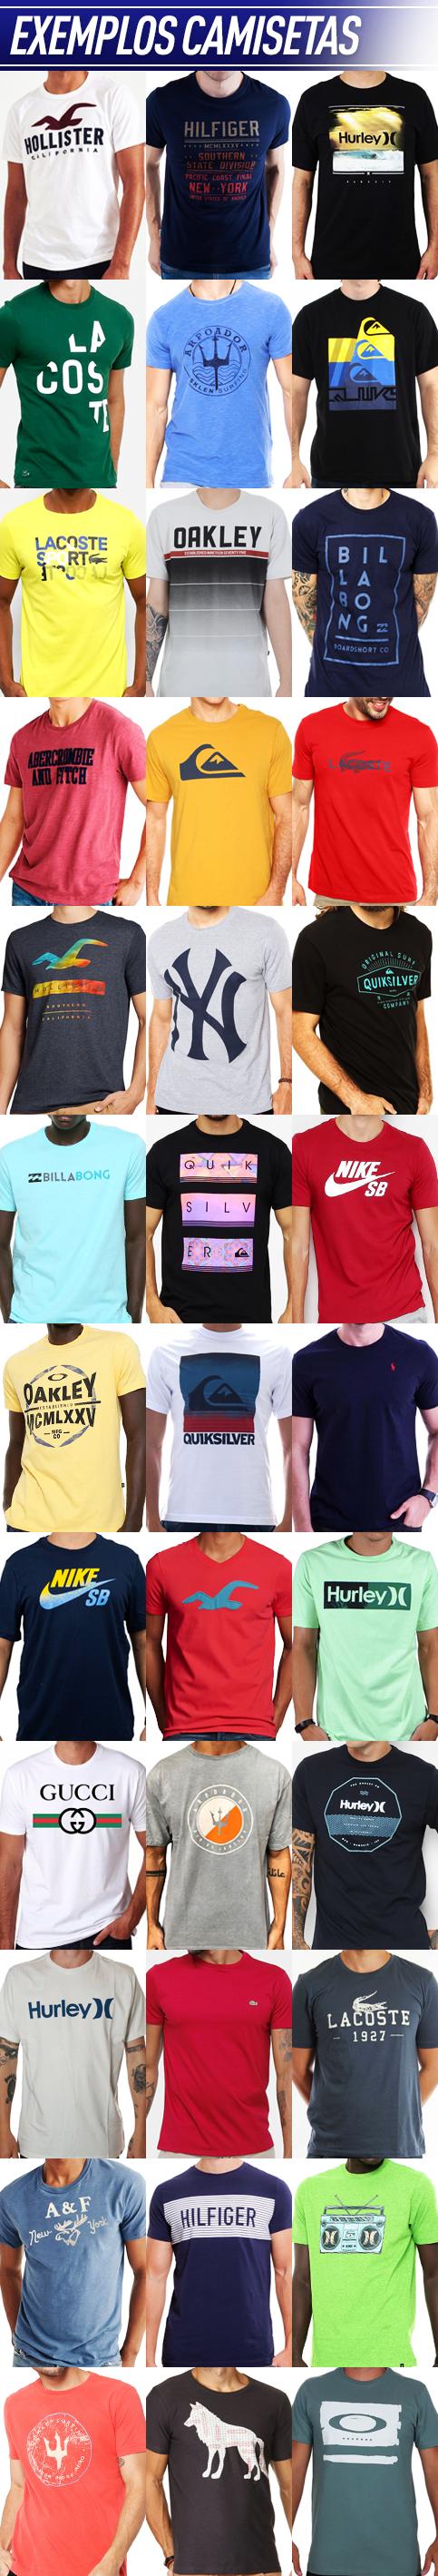 228bab232 Kit com 50 camisetas masculinas | Atacado para revenda - Atacado de ...